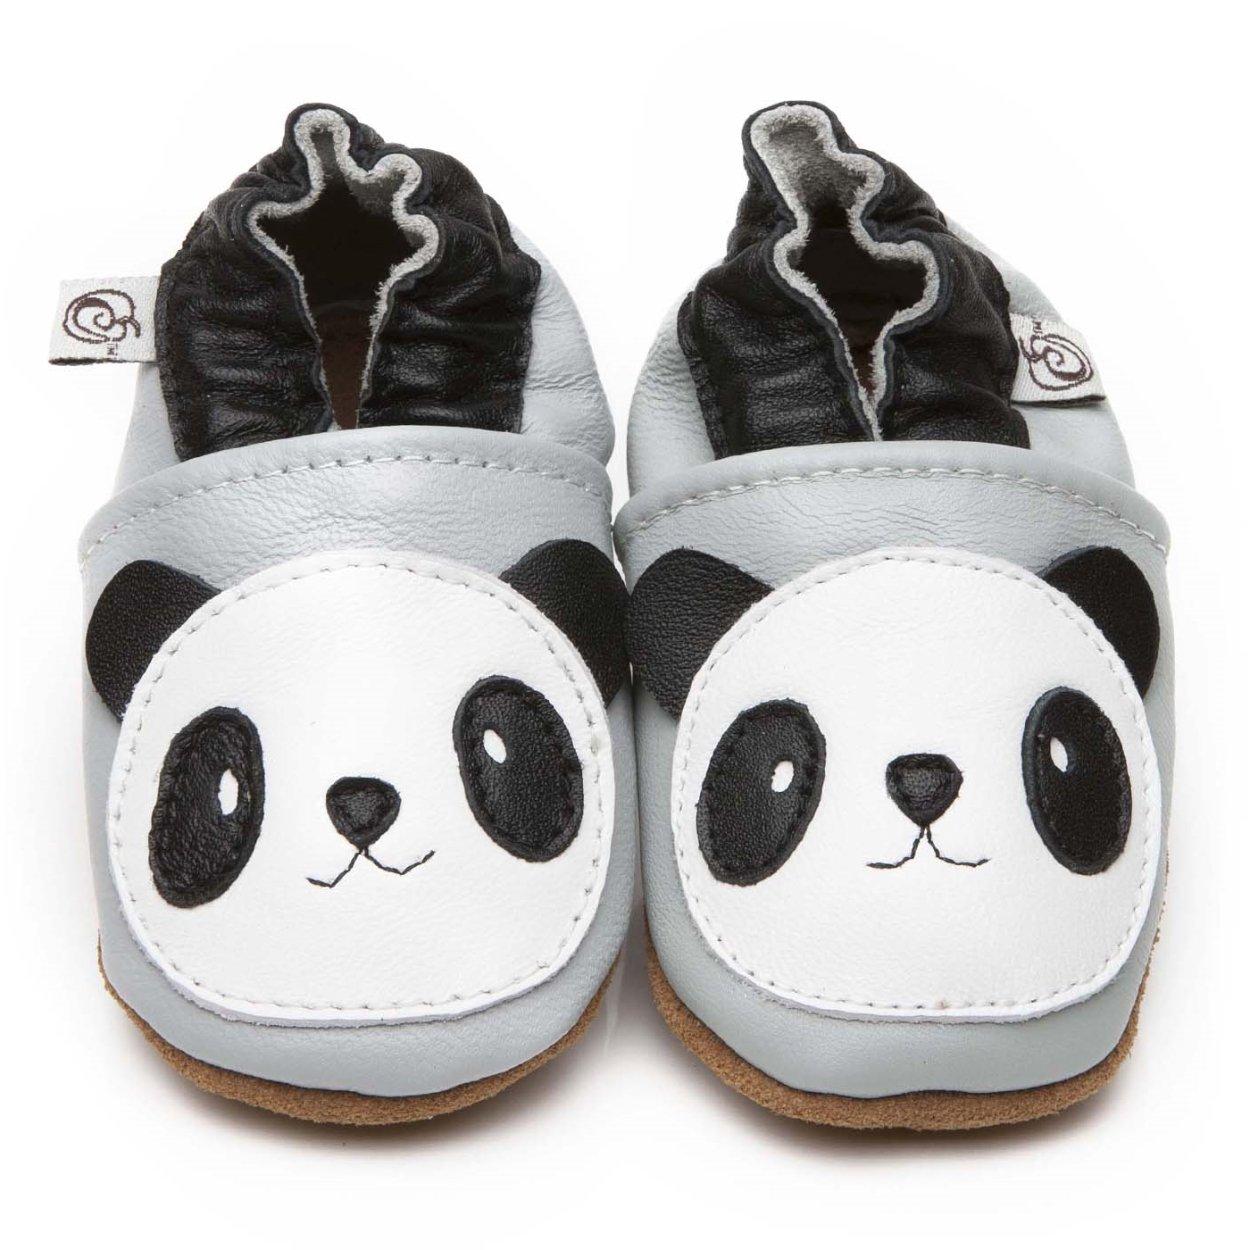 Chaussons Bébé en cuir doux Panda 0/6 mois Olea London